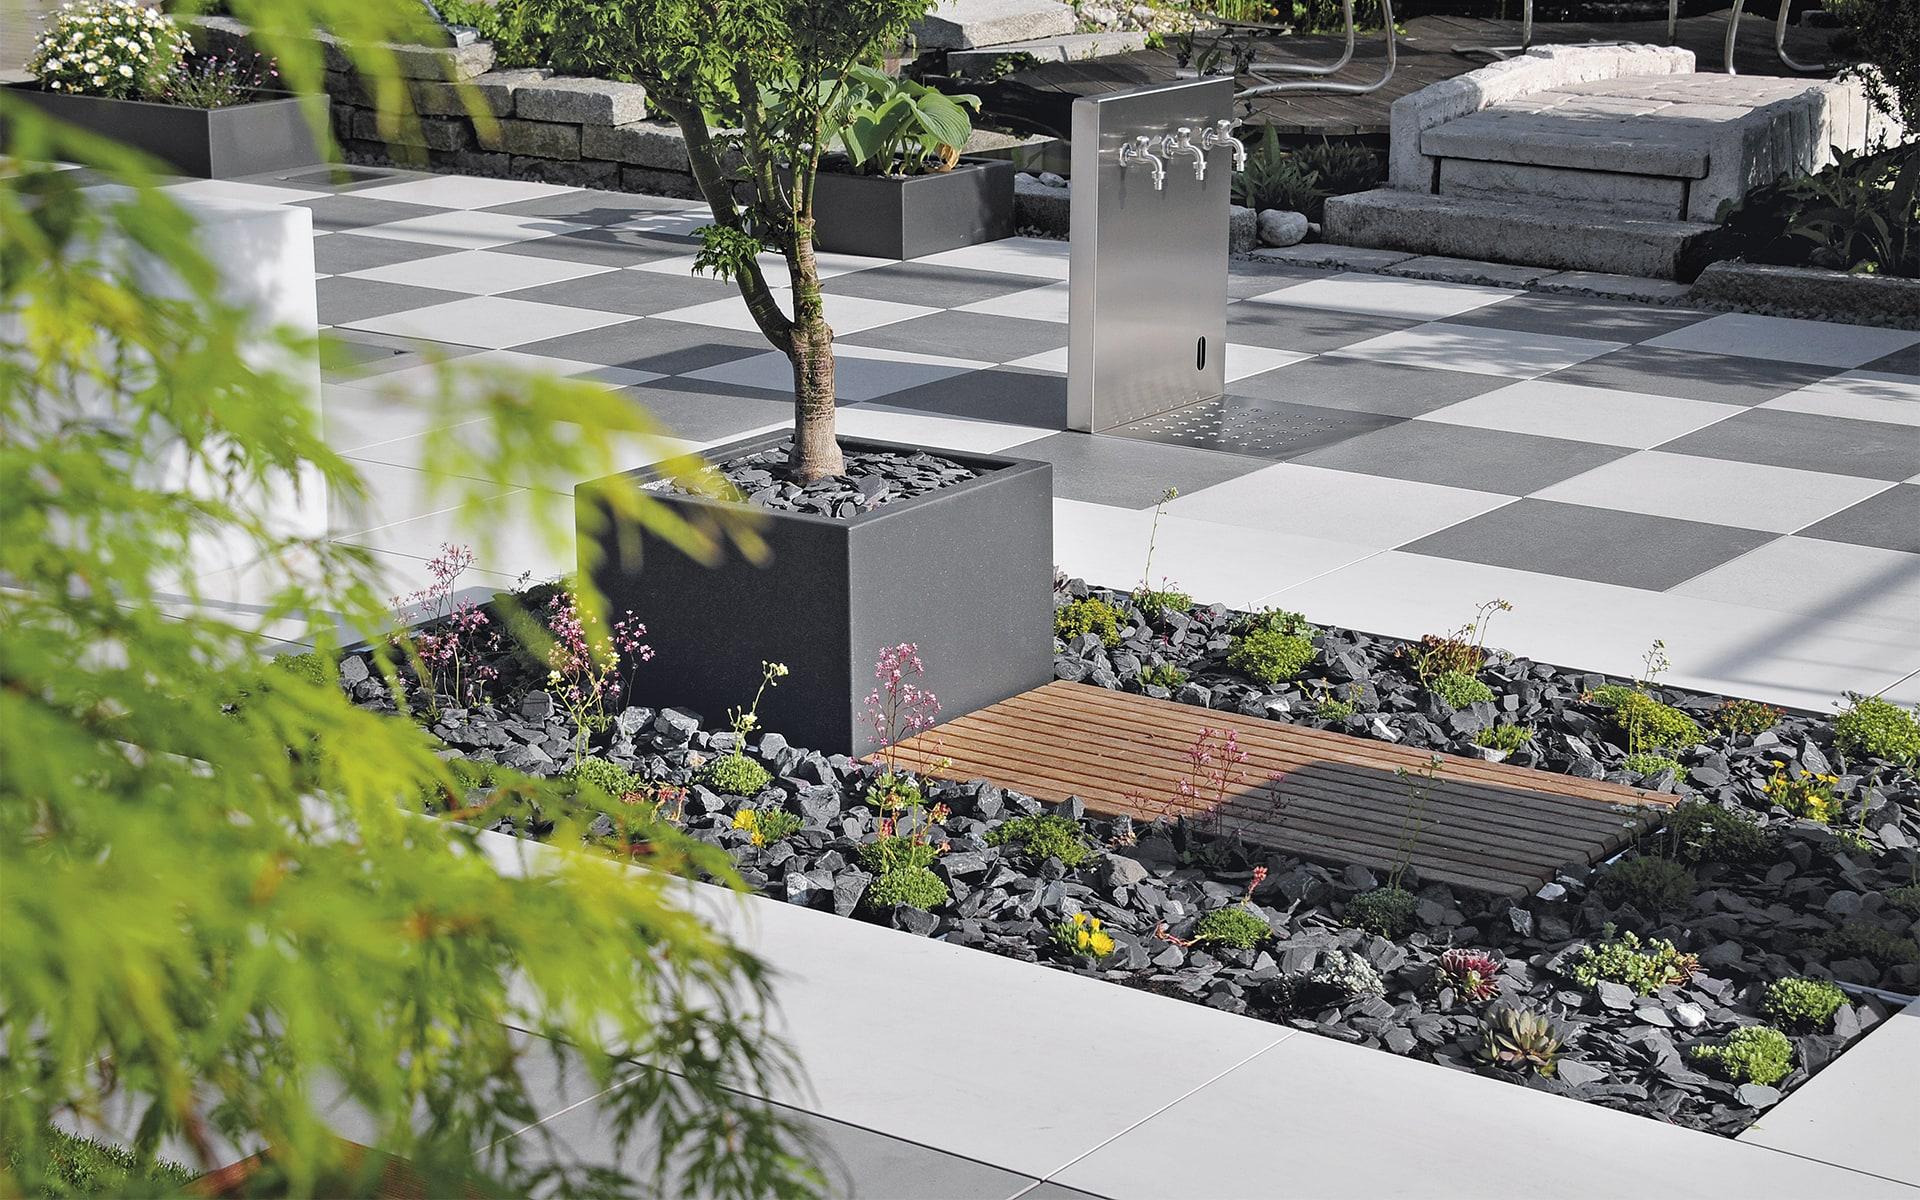 Modulares Terrassensystem Sunderra Scape von ITO Design mit Wasserhähnen und Bepflanzung